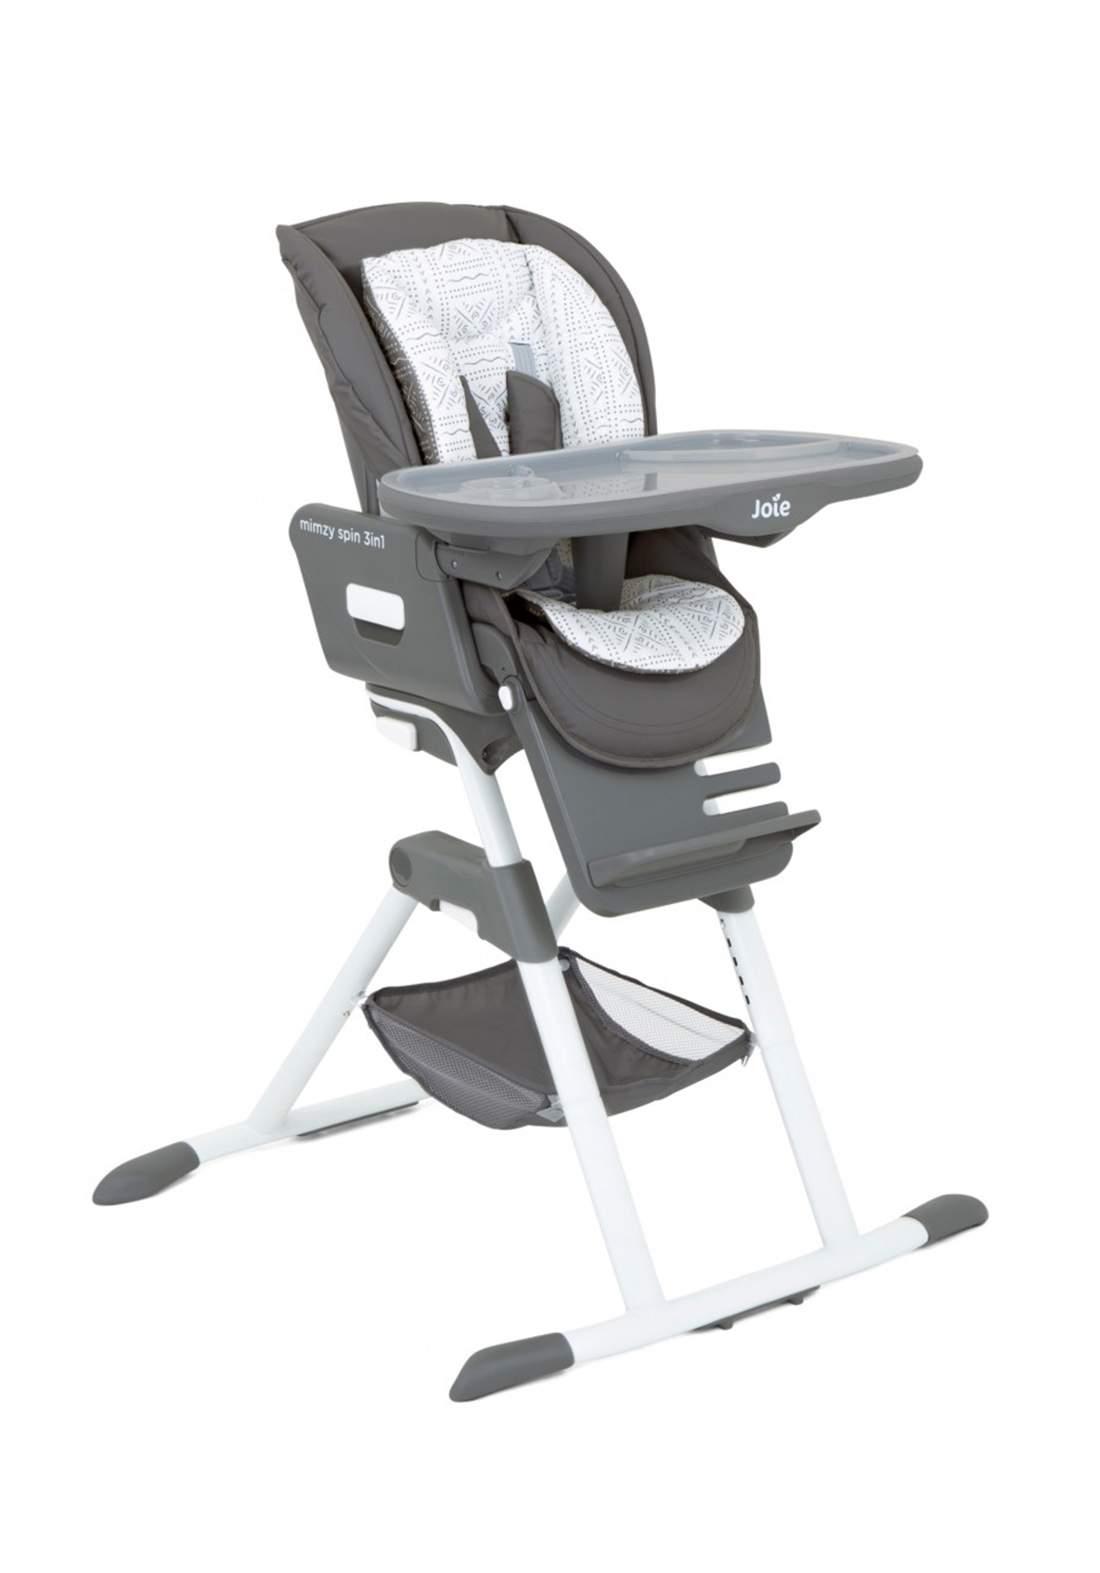 كرسي طعام للاطفال Joie Baby H1124ACTLE000 Chaise haute Mimzy Spin 3 en 1 Tile